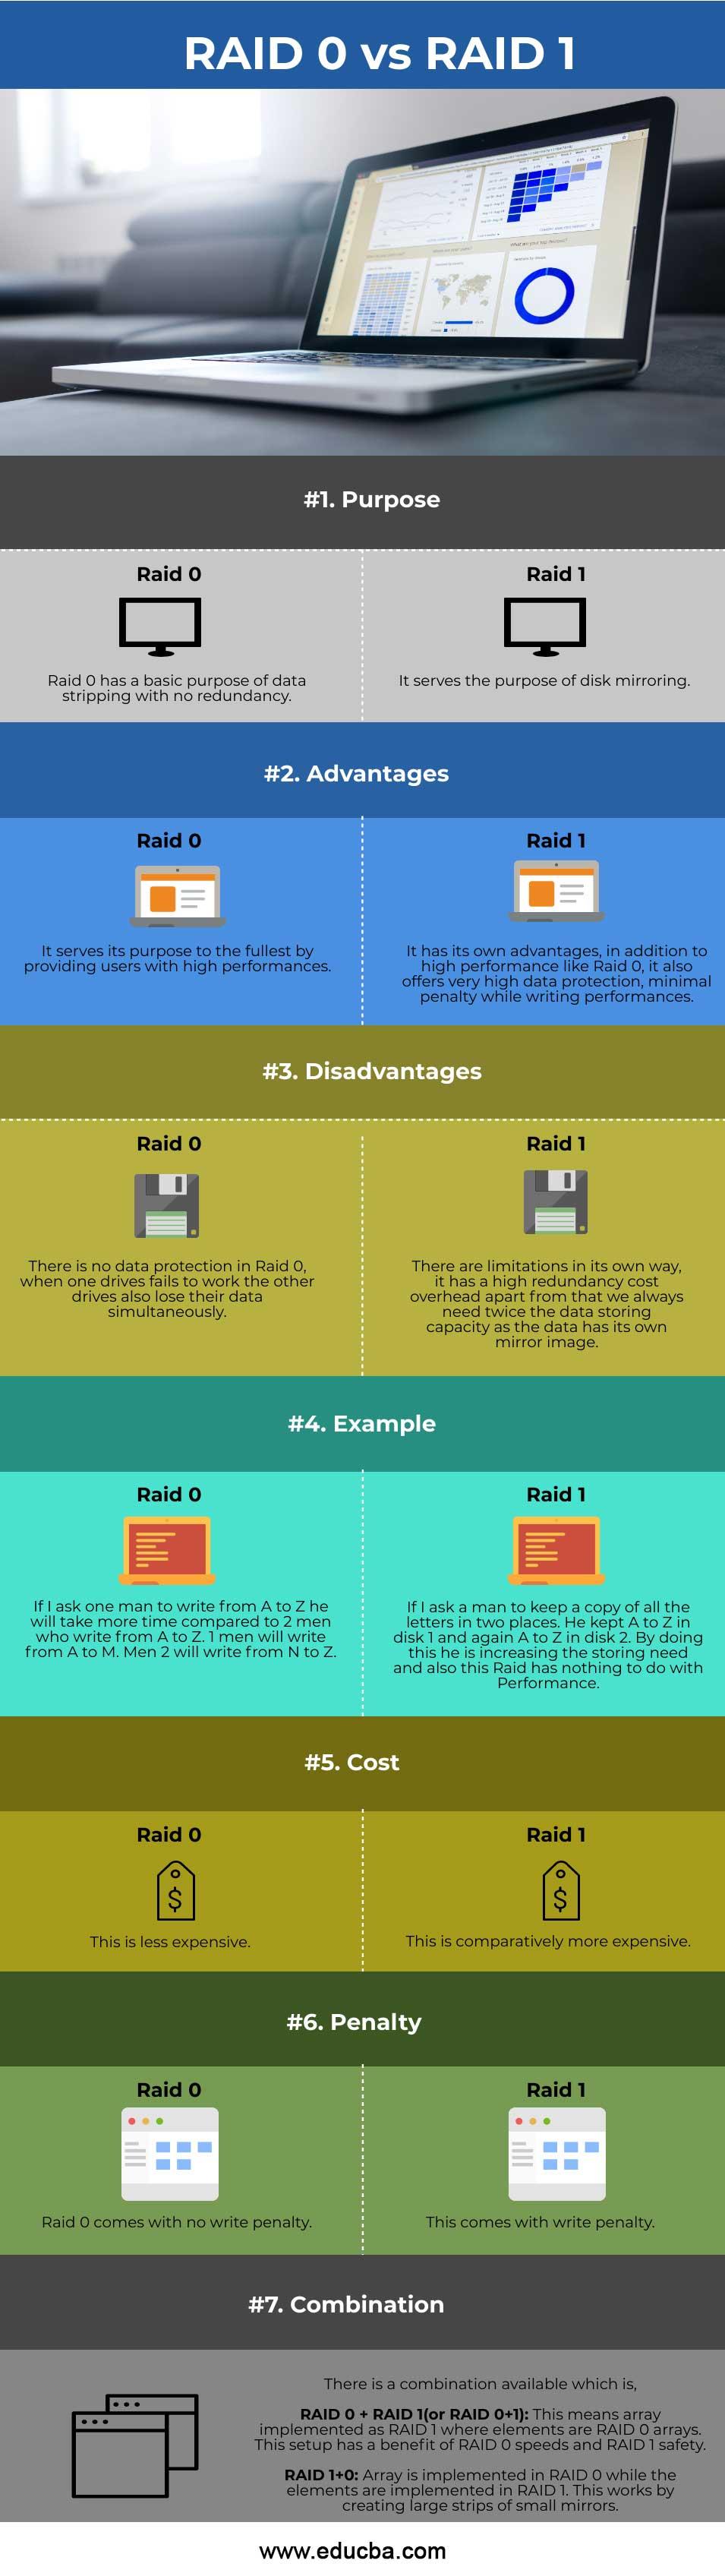 RAID-0-vs-RAID-1-info